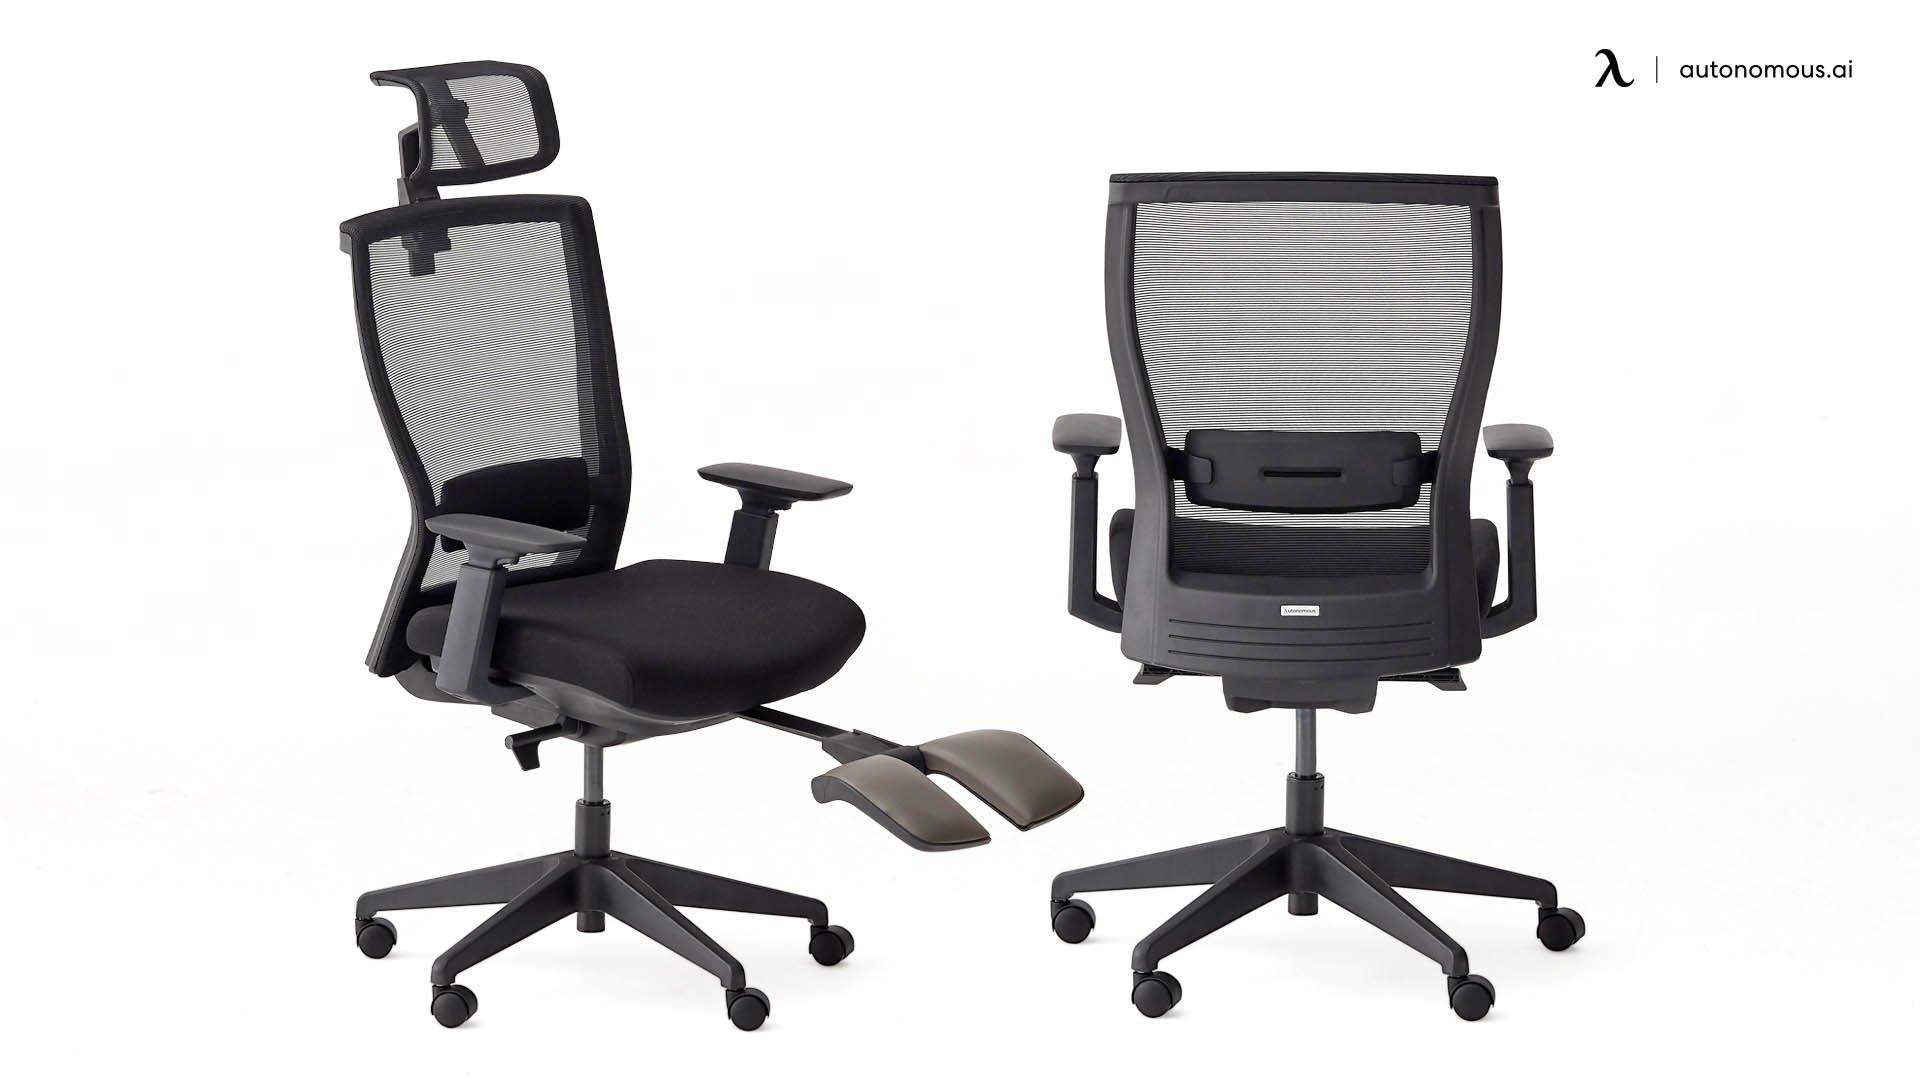 Autonomous MyoChair Office Chair